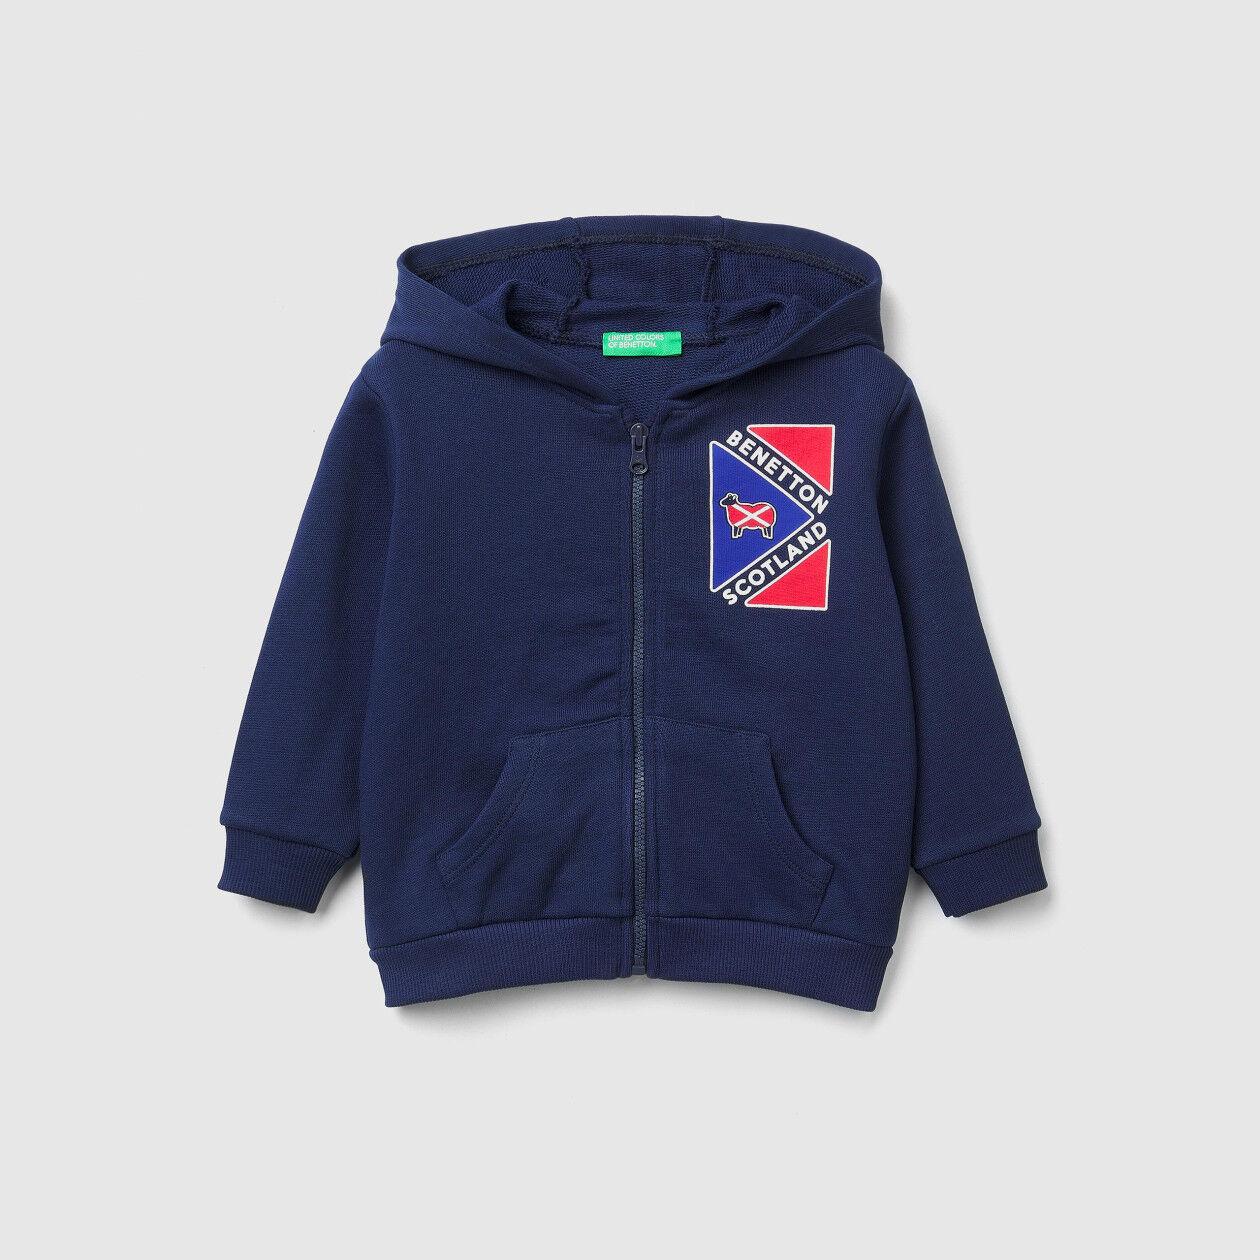 Zip-up sweatshirt with print